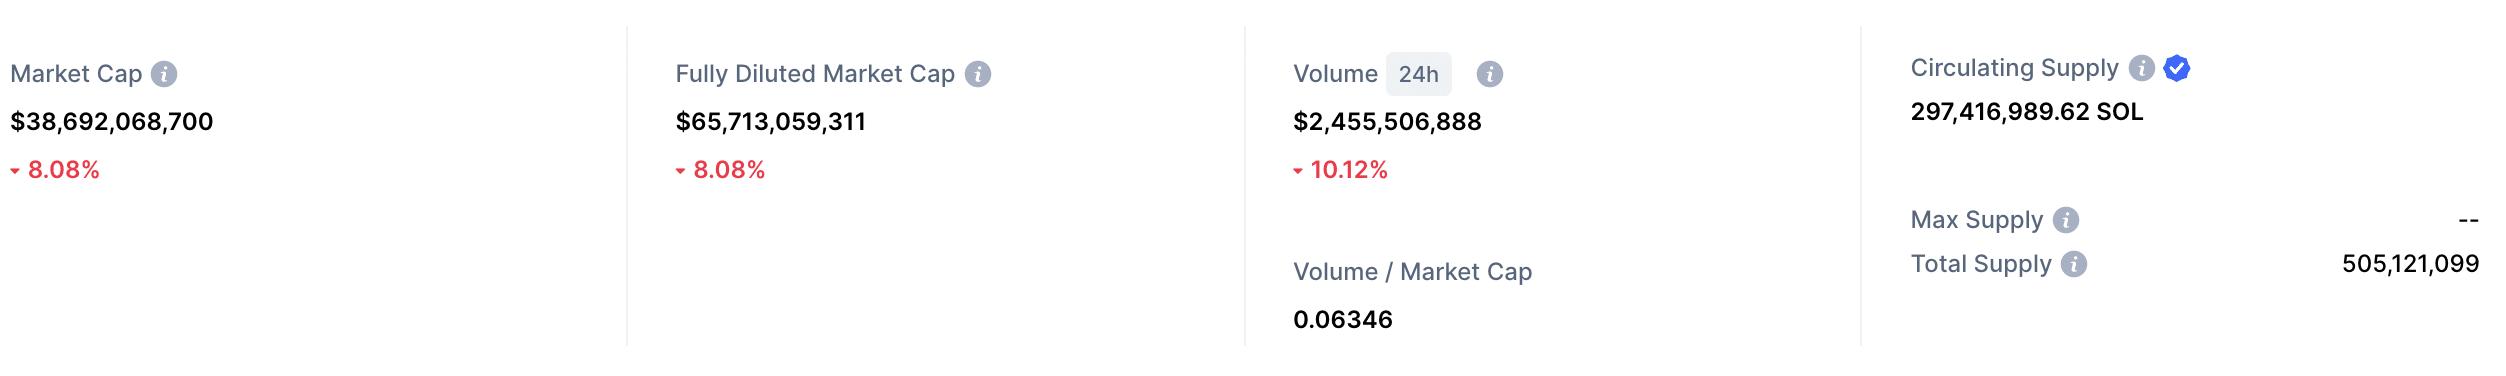 solana market cap